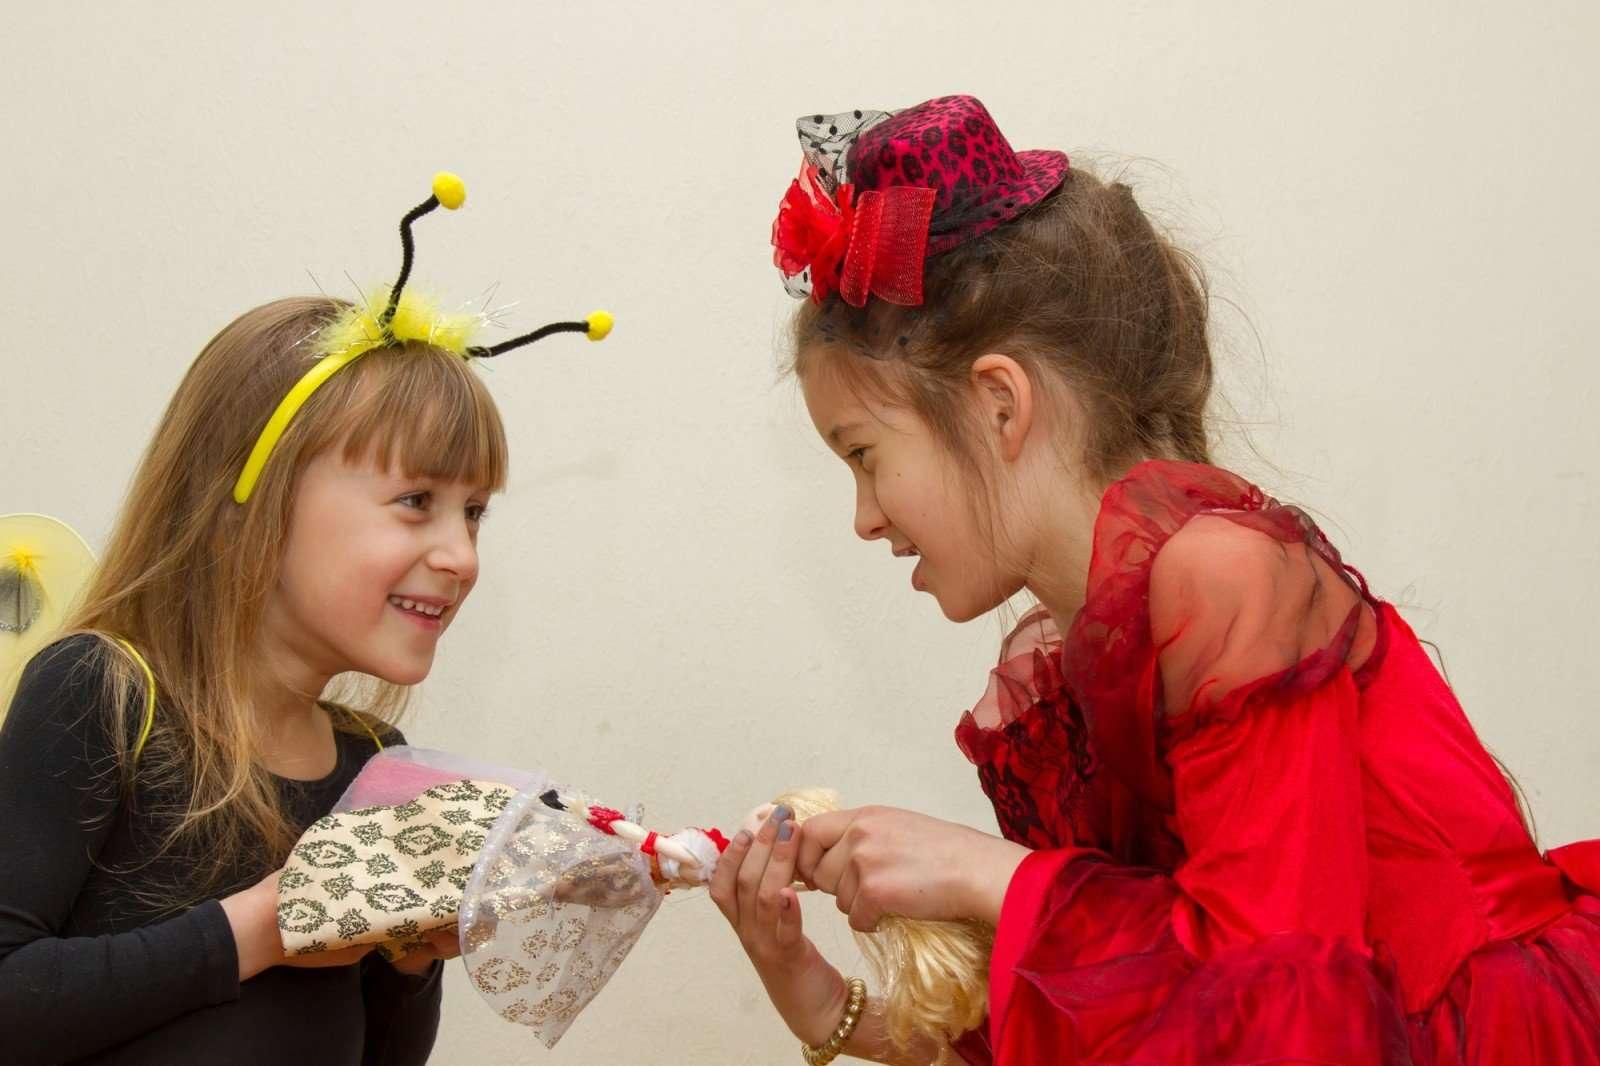 Жадина-говядина — молодец! Как научить ребенка ценить свои вещи и почему делиться не всегда хорошо